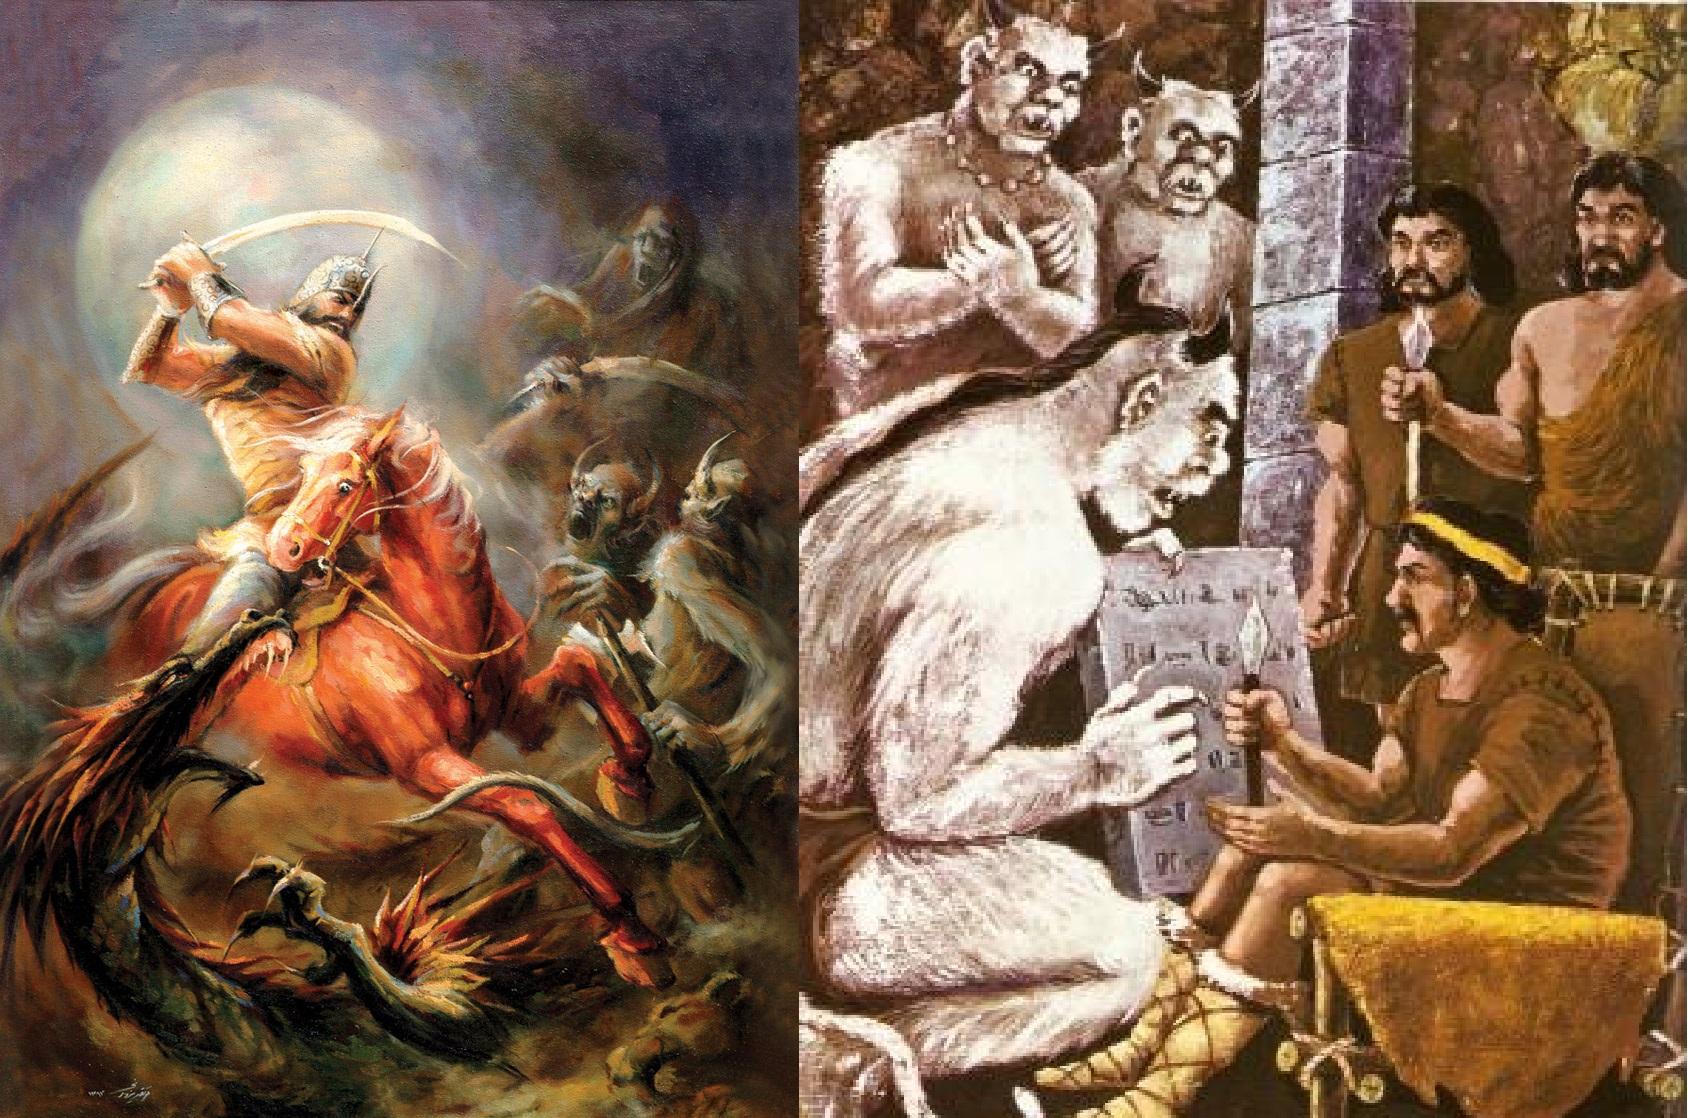 گسترش شاهنامه در فرهنگ جهان؛ شاهنامه عربی (۷)